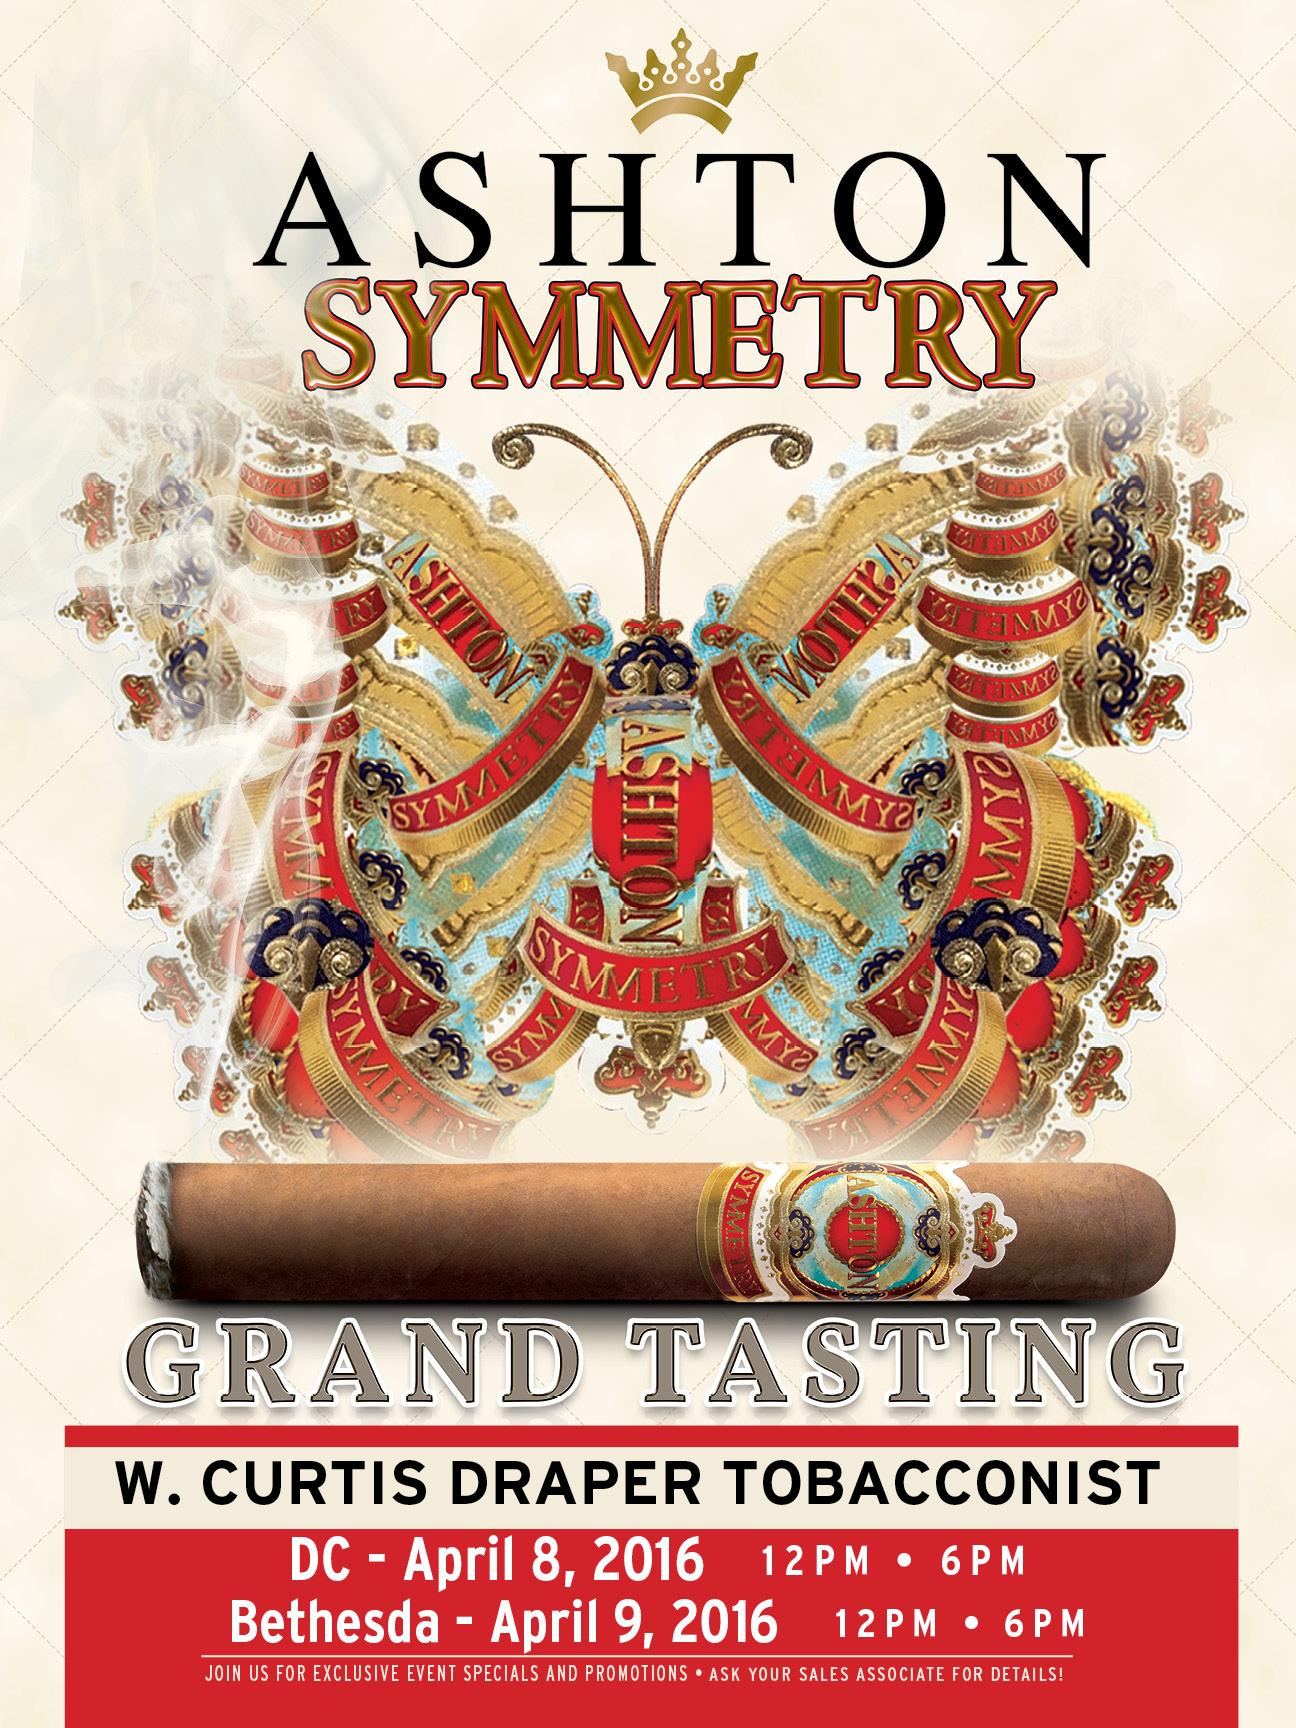 cigarmonkeys_com_ashton_symmetry_2a.jpeg